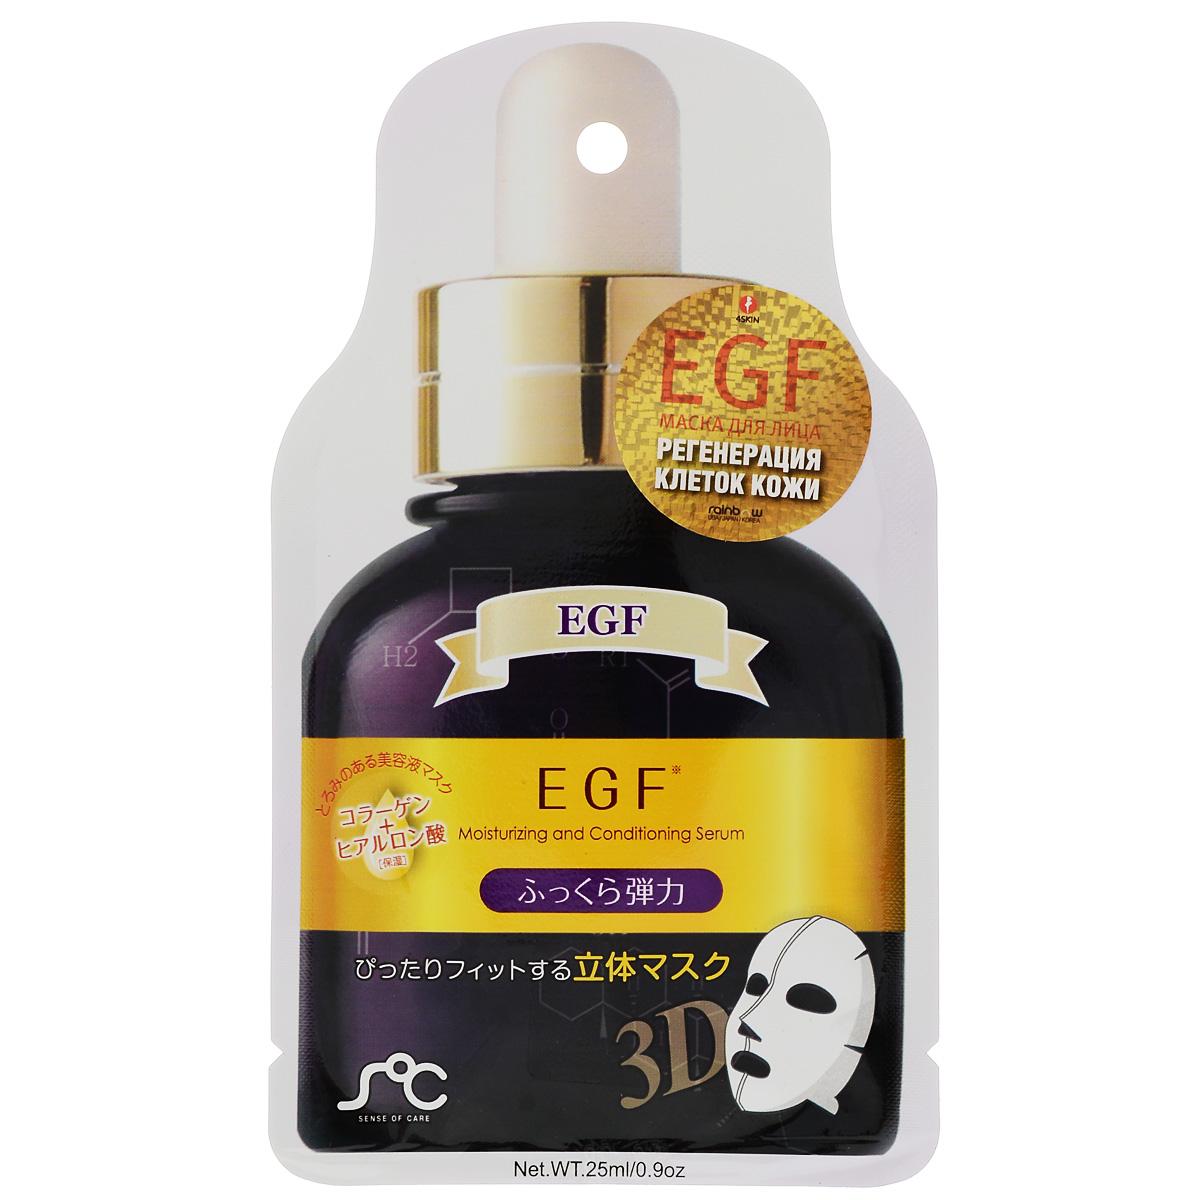 Rainbowbeauty 3D маска-сыворотка EGF для лица с эпидермальным фактором роста, 25 млFS-00103Фактор эпидермального роста (EGF), при нанесении на кожу лица эффективно способствуют регенерации клеток, помогает оживить клетки кожи, и восстановить кожу в наилучшем состоянии.